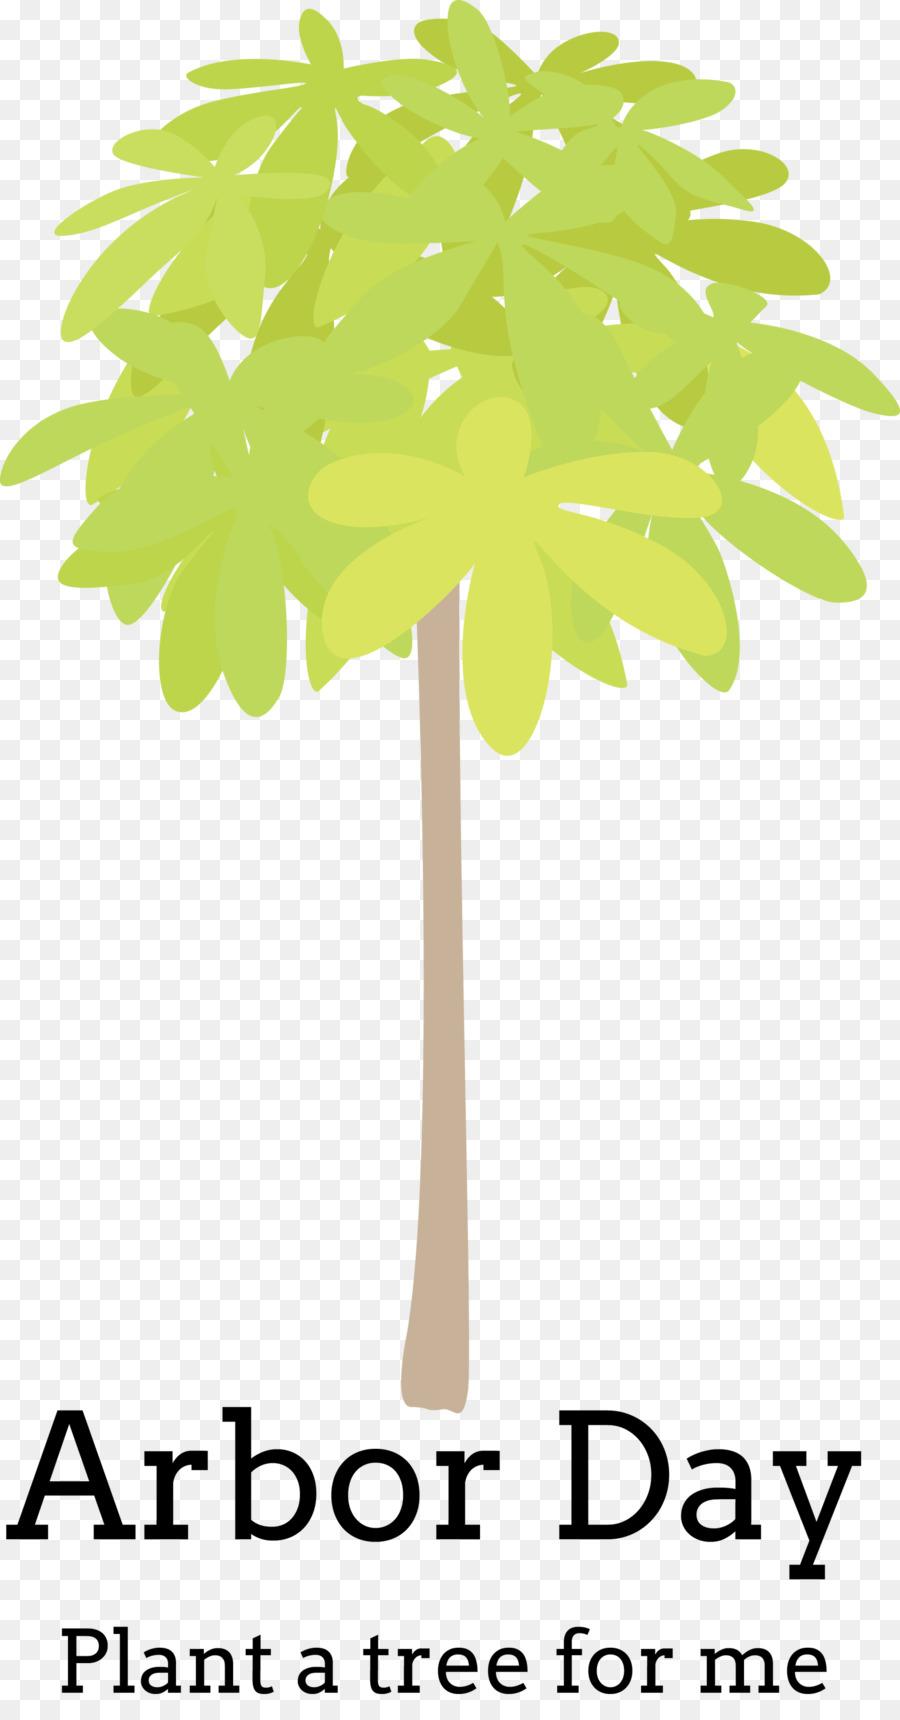 Descarga gratuita de árbol, Hoja, Planta imágenes PNG